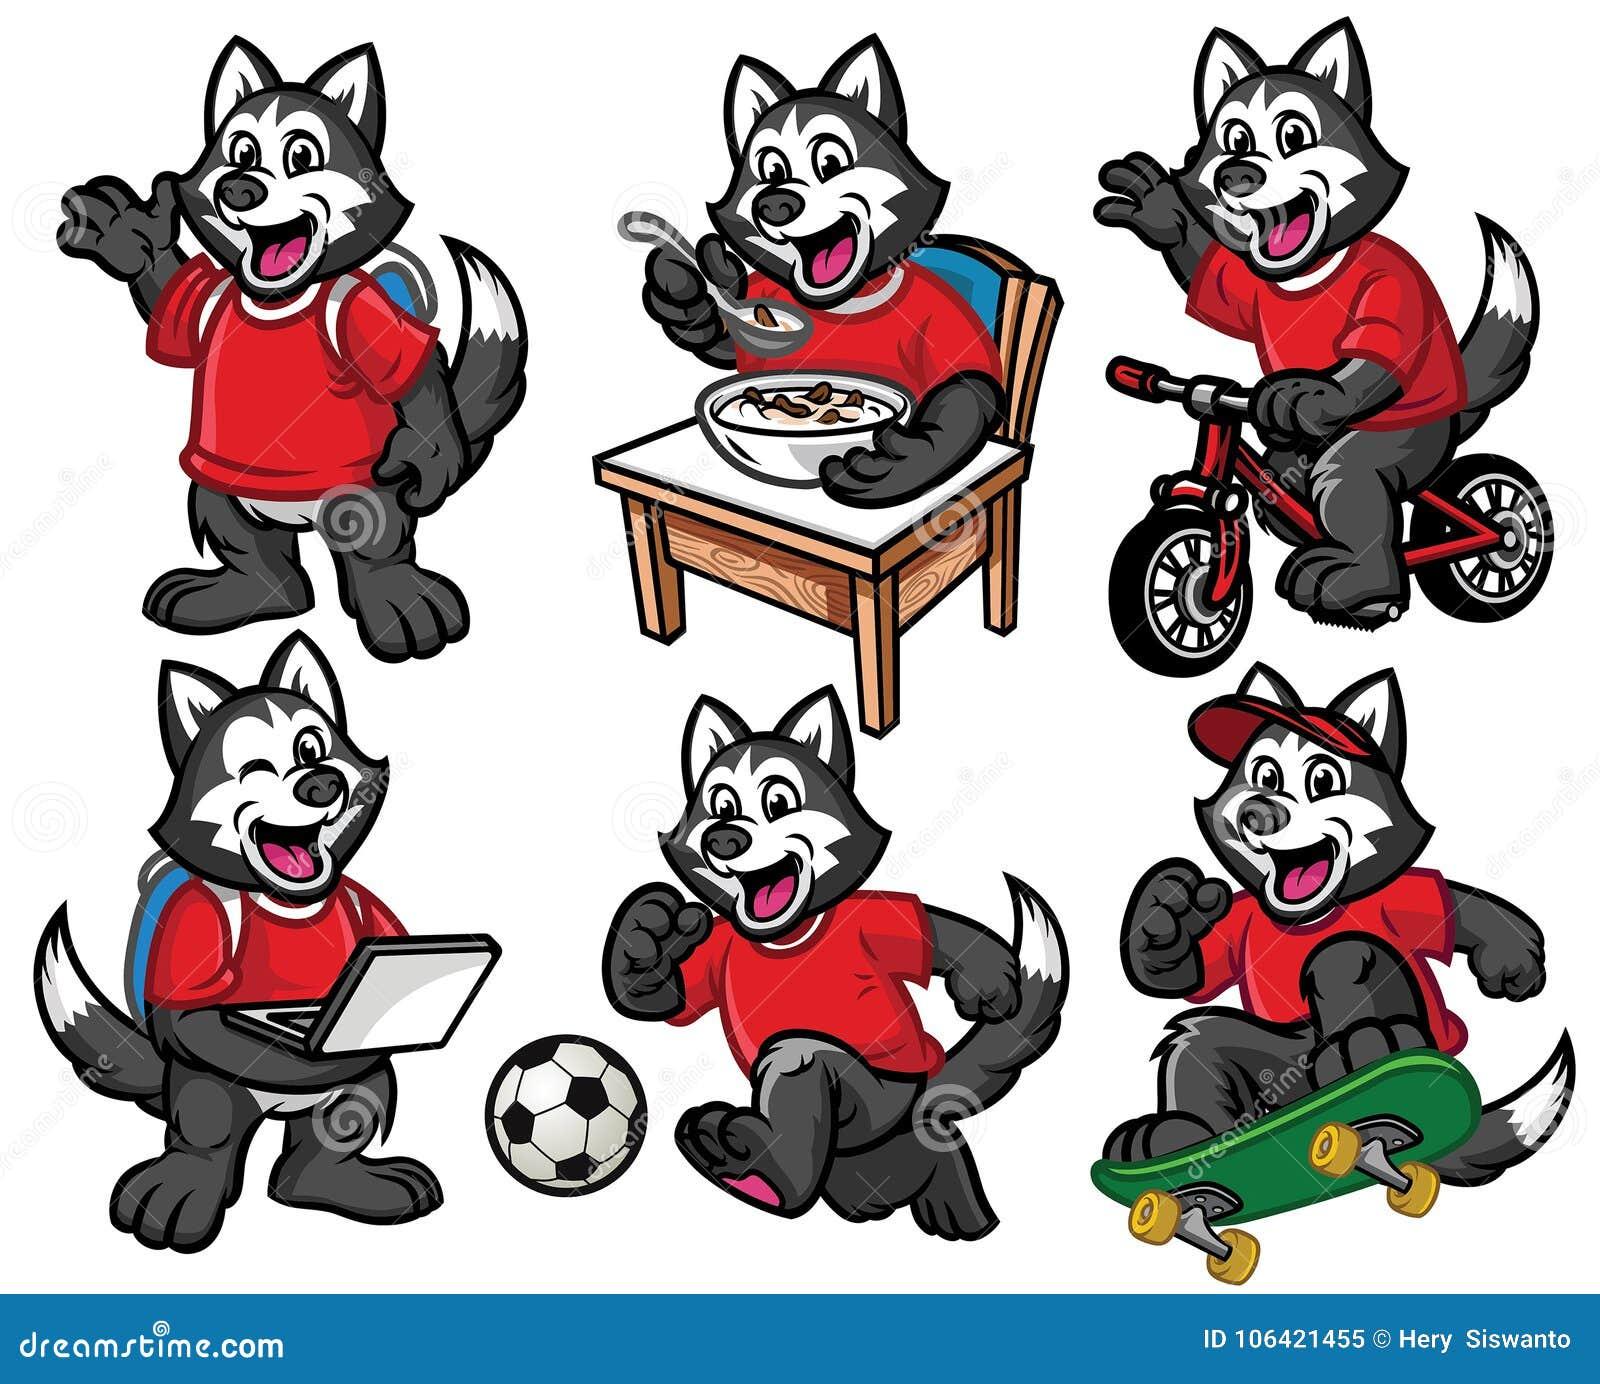 Jeu de caractères de bande dessinée de petit chien mignon de chien de traîneau sibérien